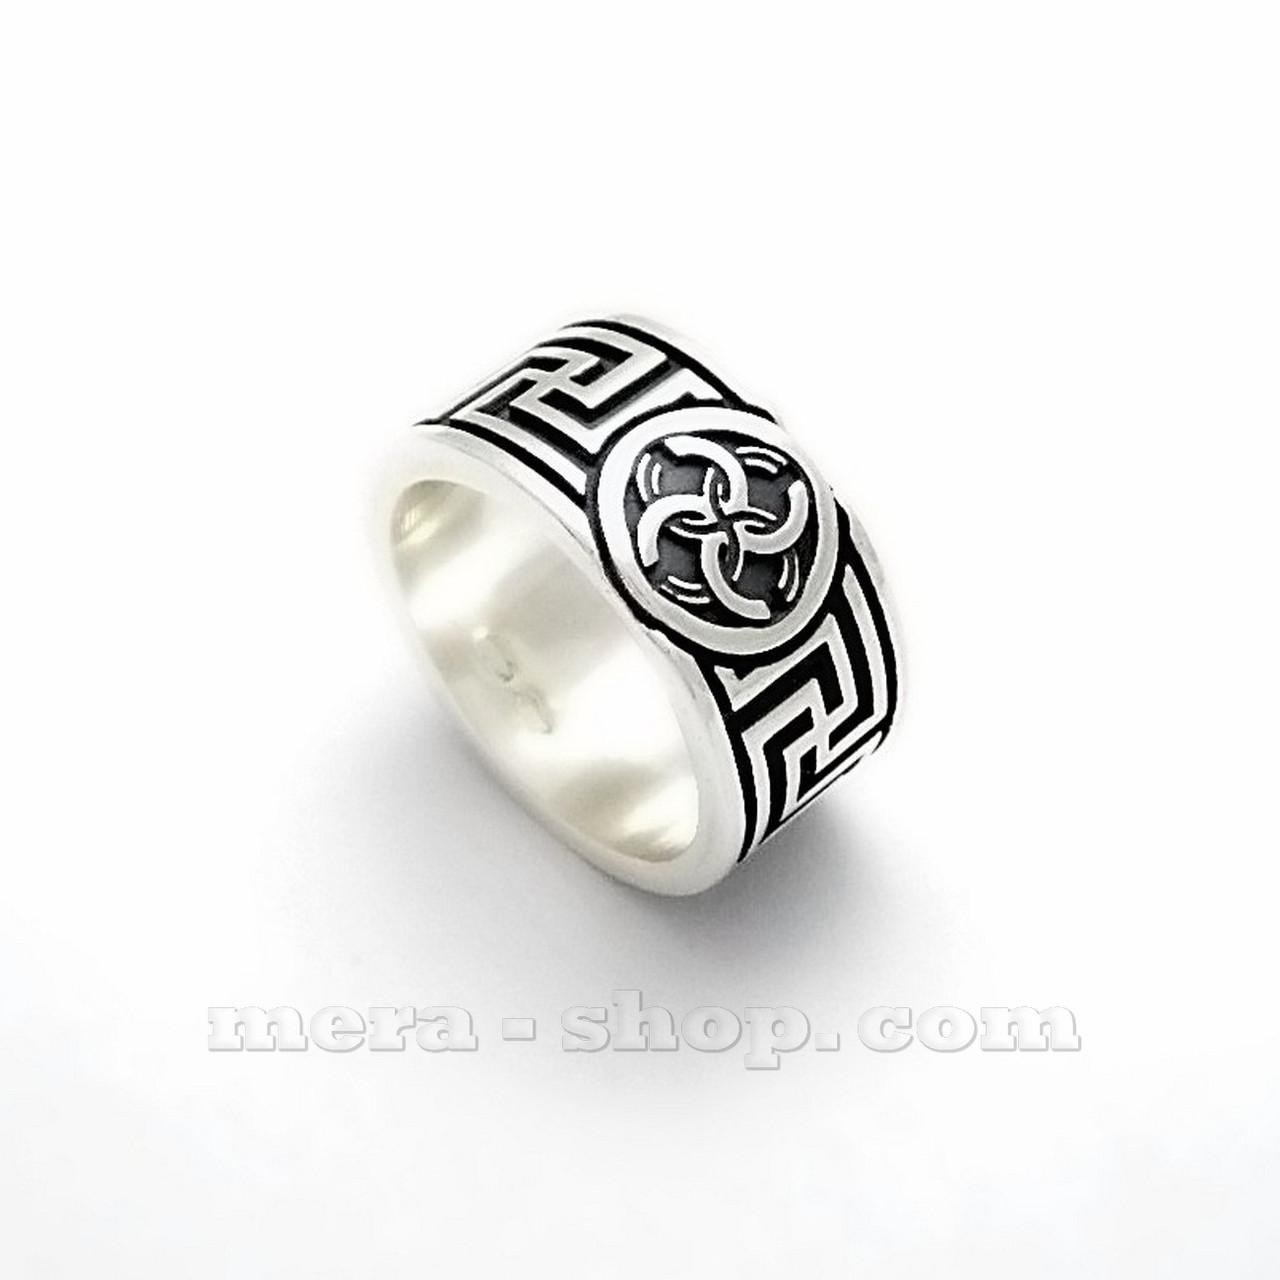 Свадебник Рысич кольцо из серебра 925 пробы (широкое)